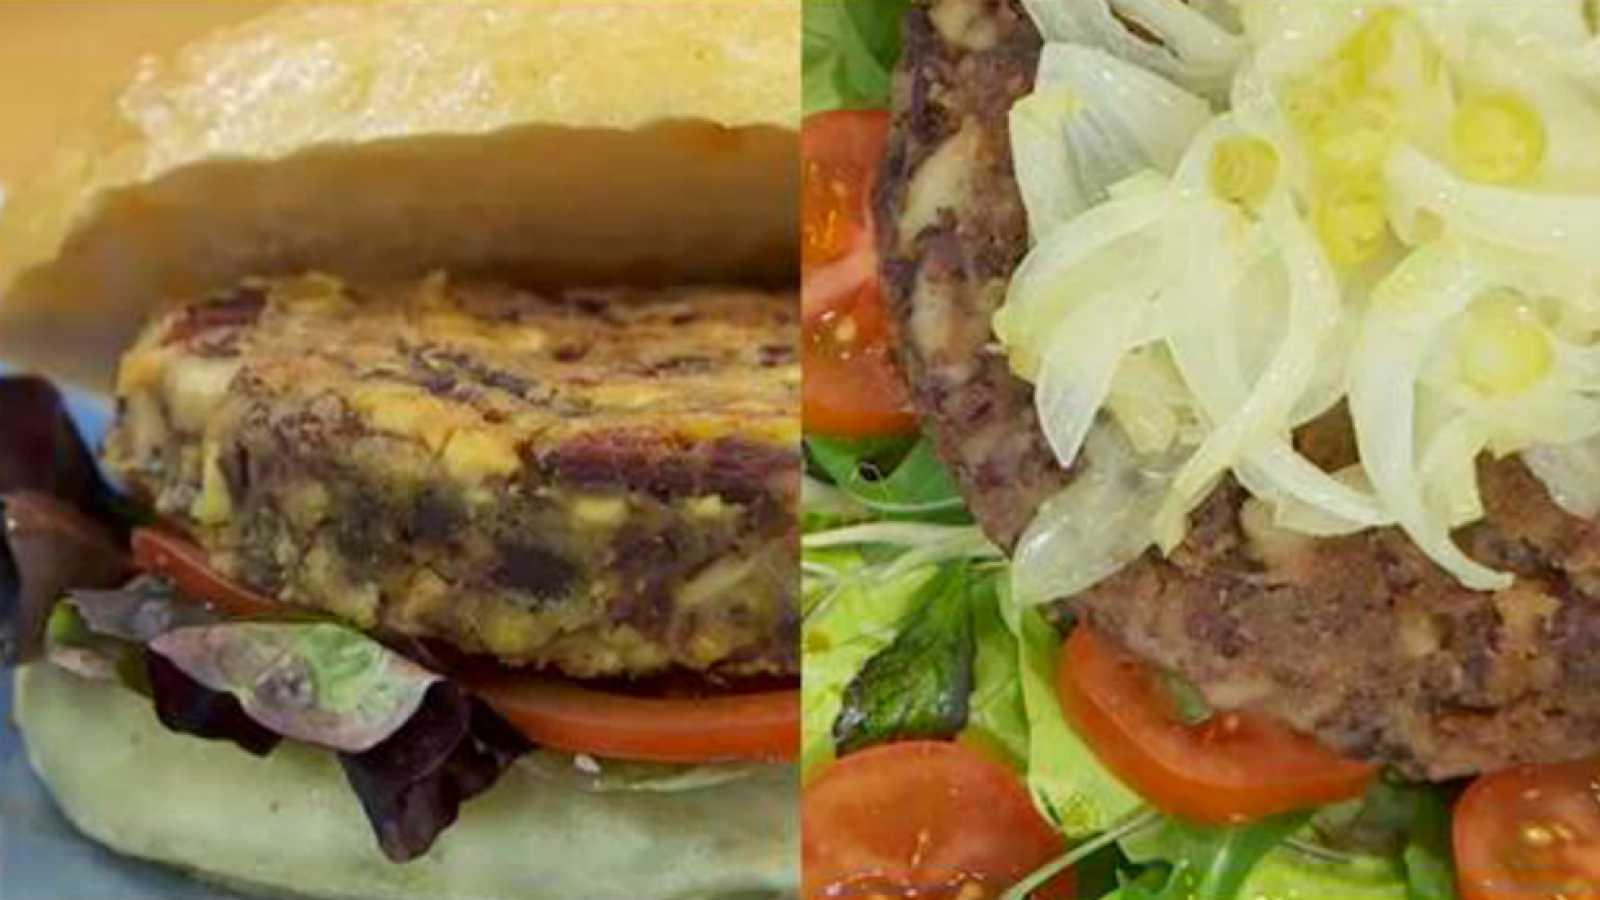 Torres en la cocina - Hamburguesa vegetal, versiones javier y sergio